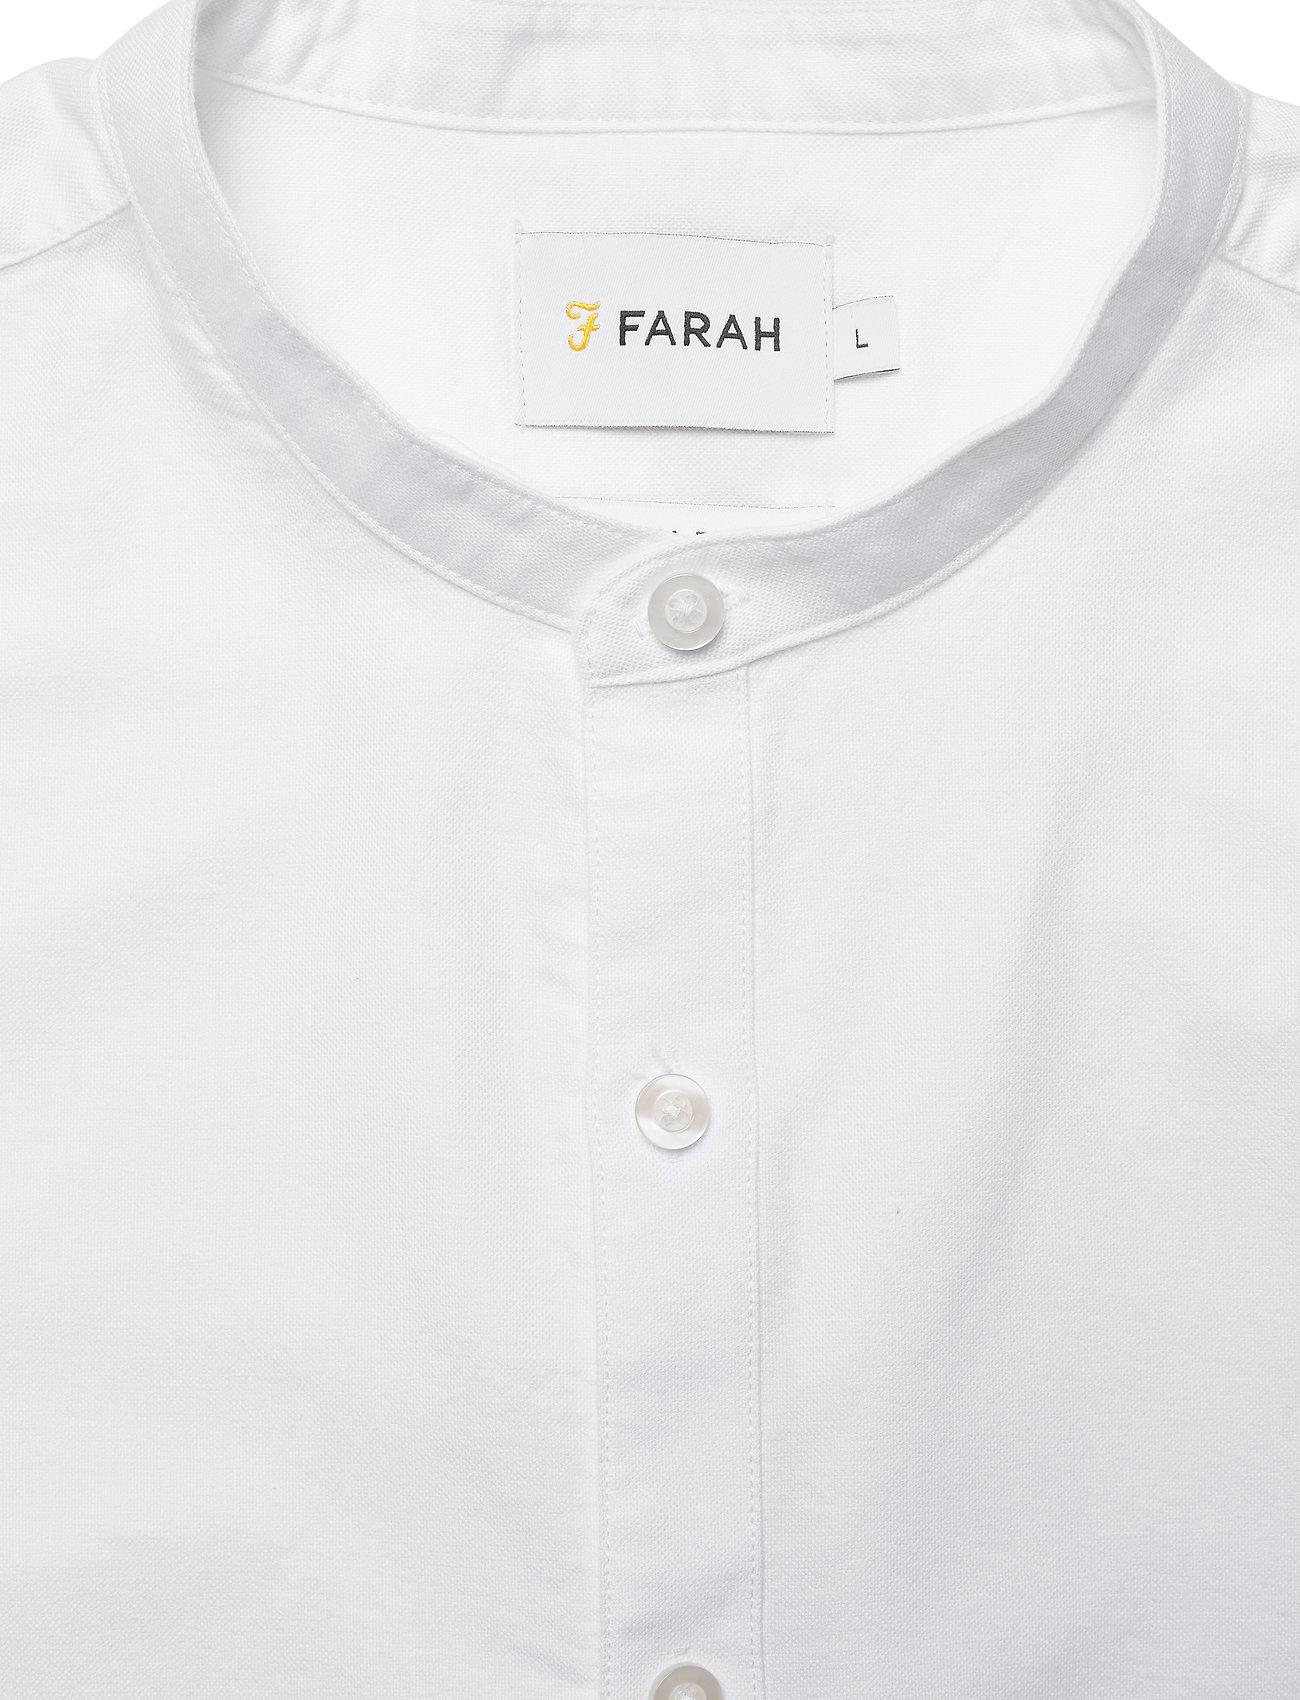 Farah BREWER SLM LS GDAD S - Skjorter WHITE - Menn Klær